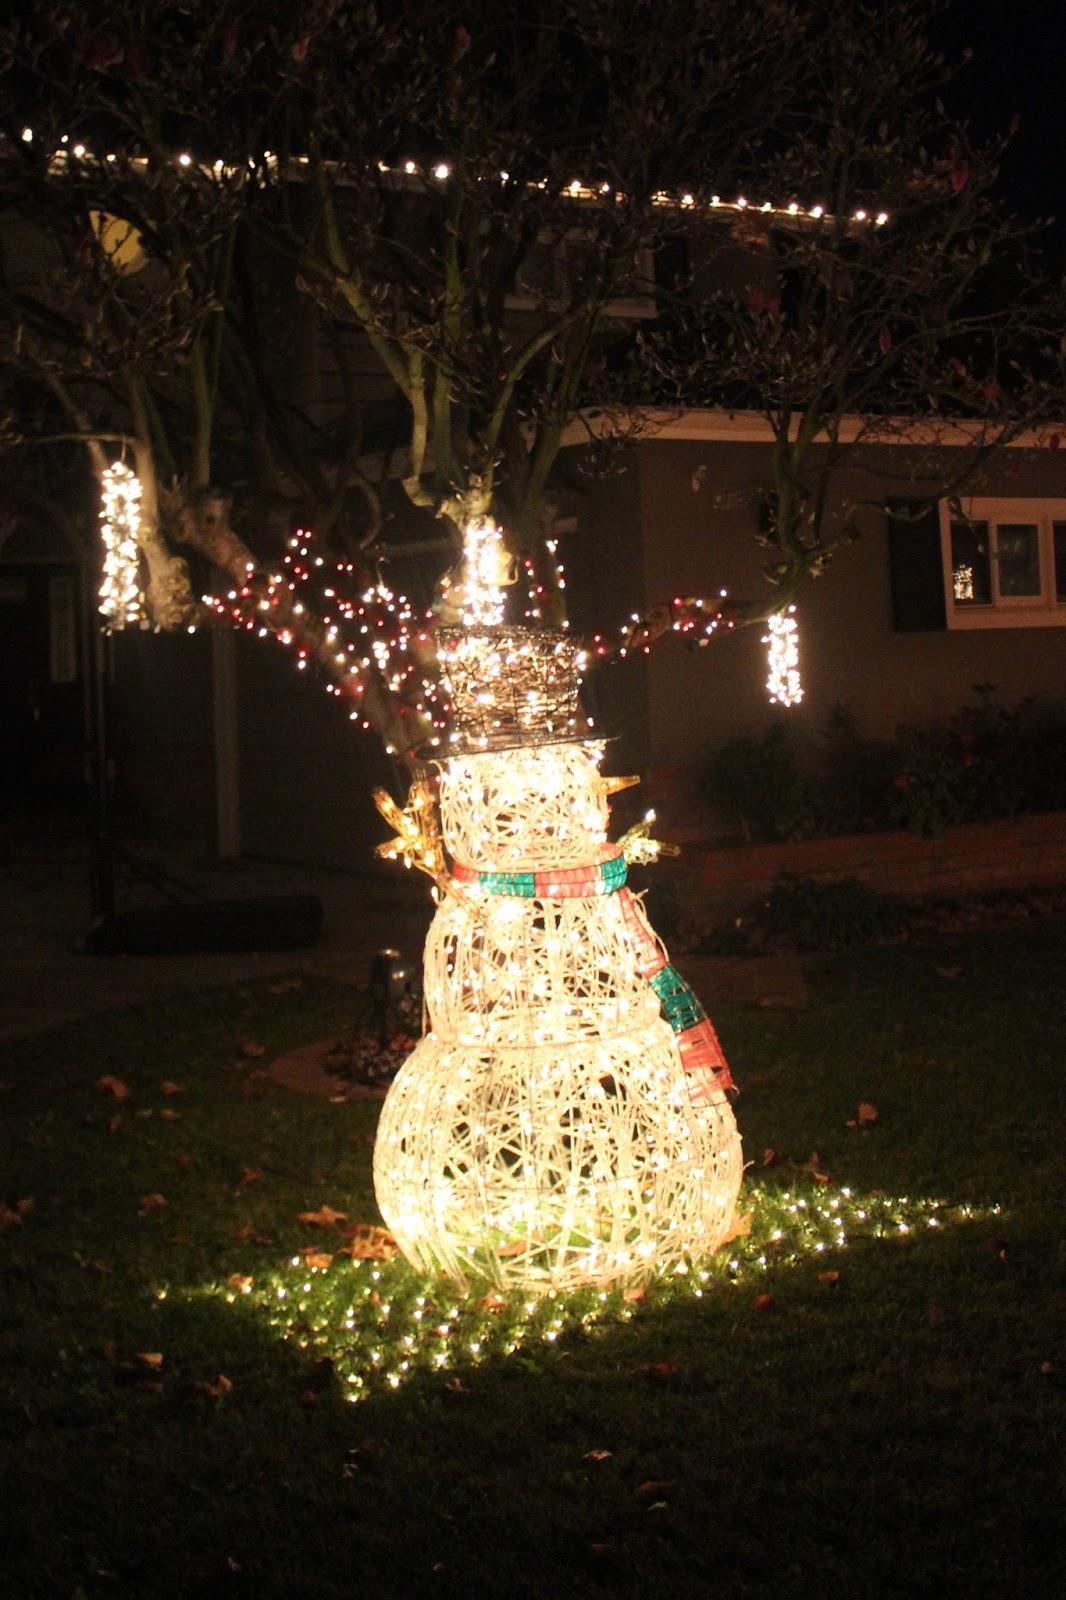 #B29219 Les Tribulations D'une Famille Française En Californie  5329 décorations de noel aux etats unis 1066x1600 px @ aertt.com